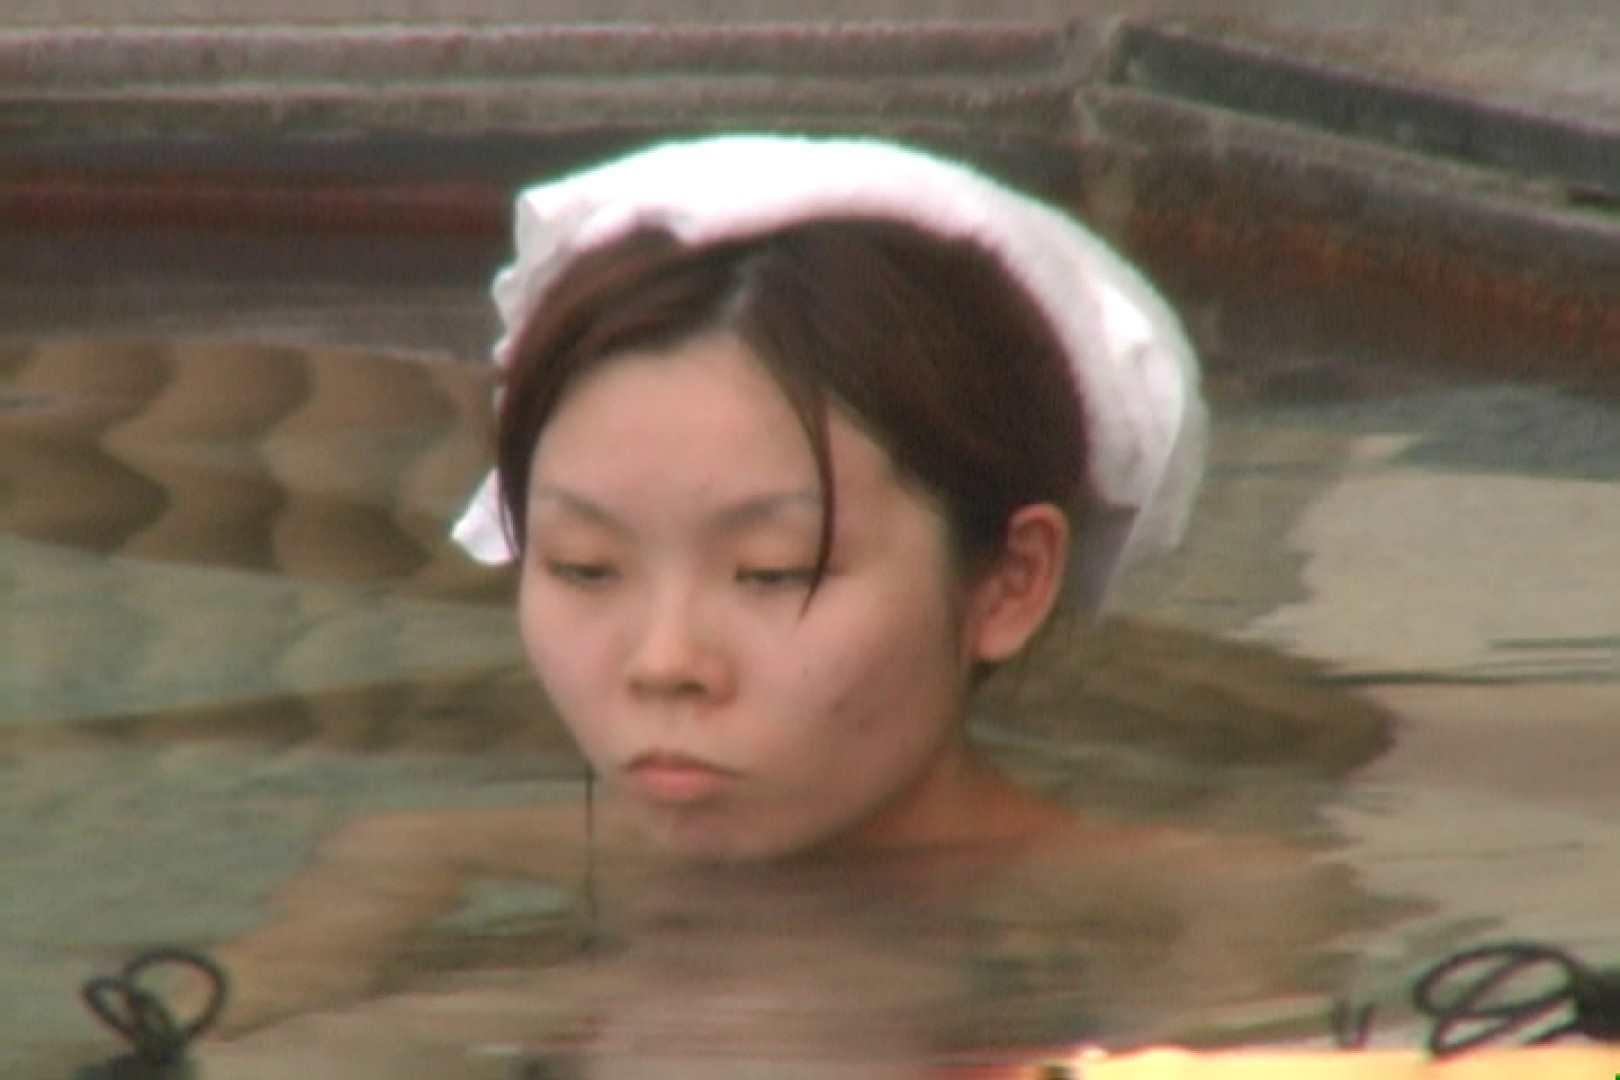 Aquaな露天風呂Vol.580 盗撮師作品 | 美しいOLの裸体  98pic 10